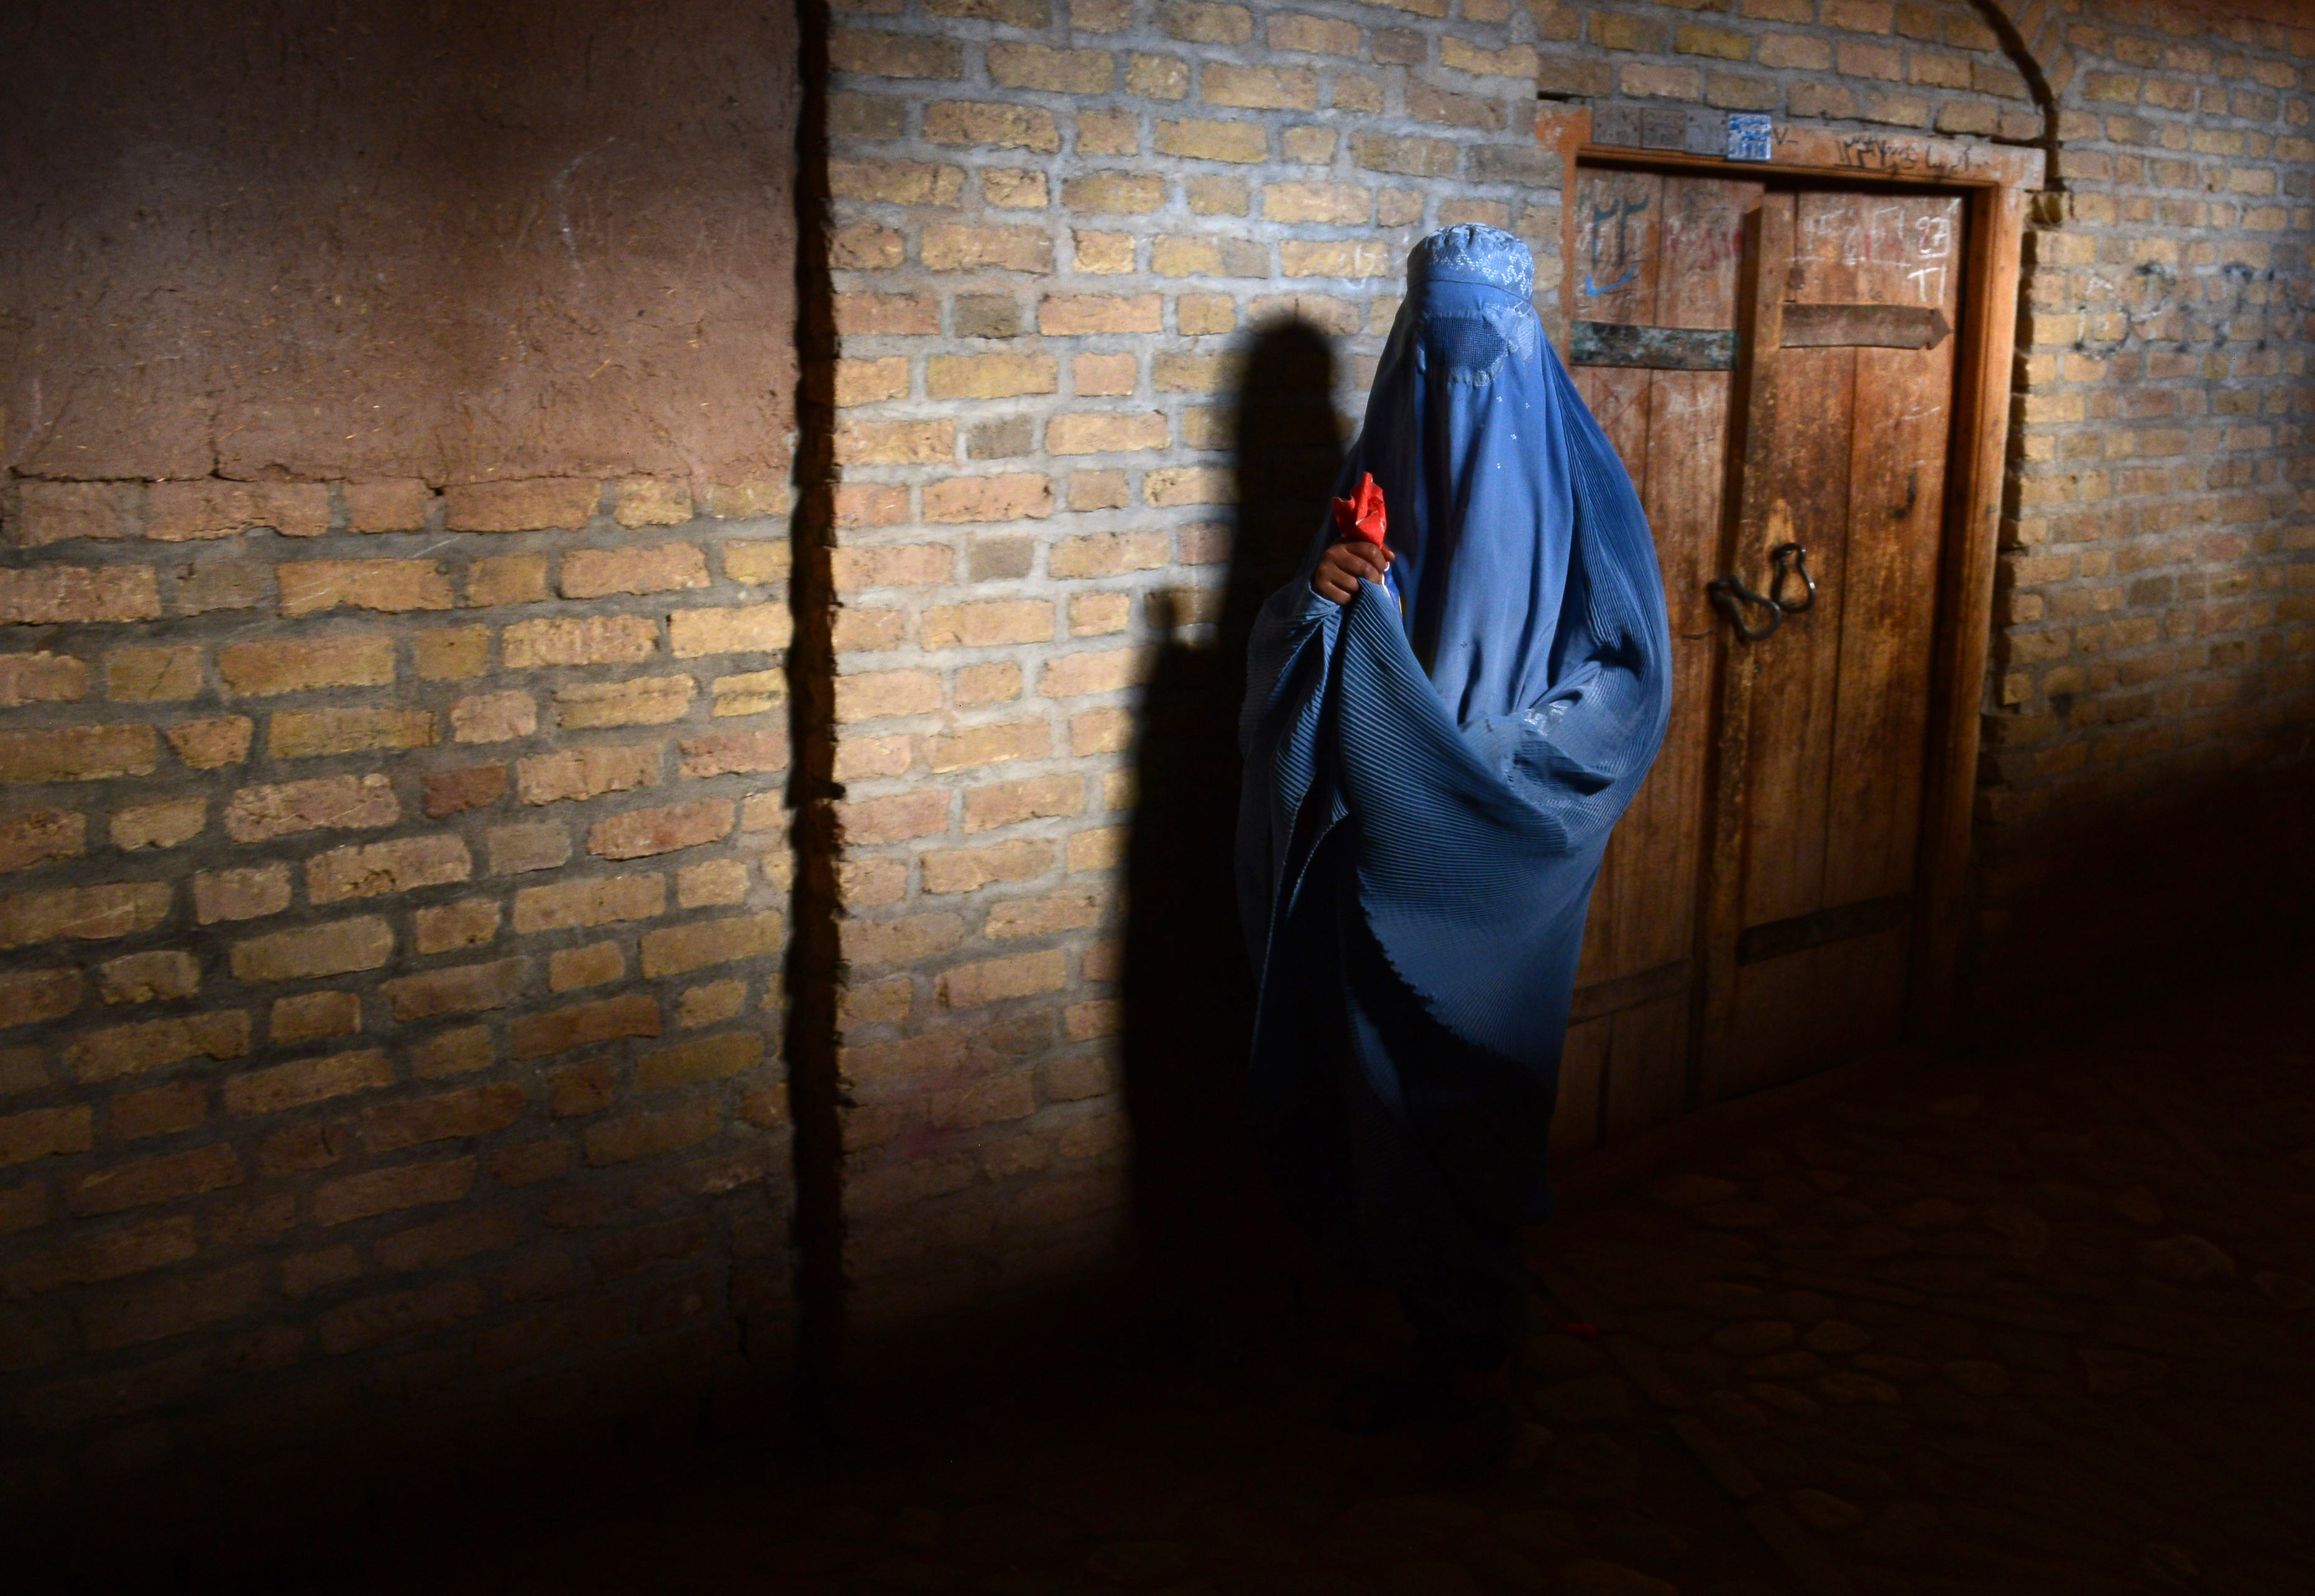 جنگجویان داعش زنان بیوه و دختران جوزجان را وادار به نکاح می کنند